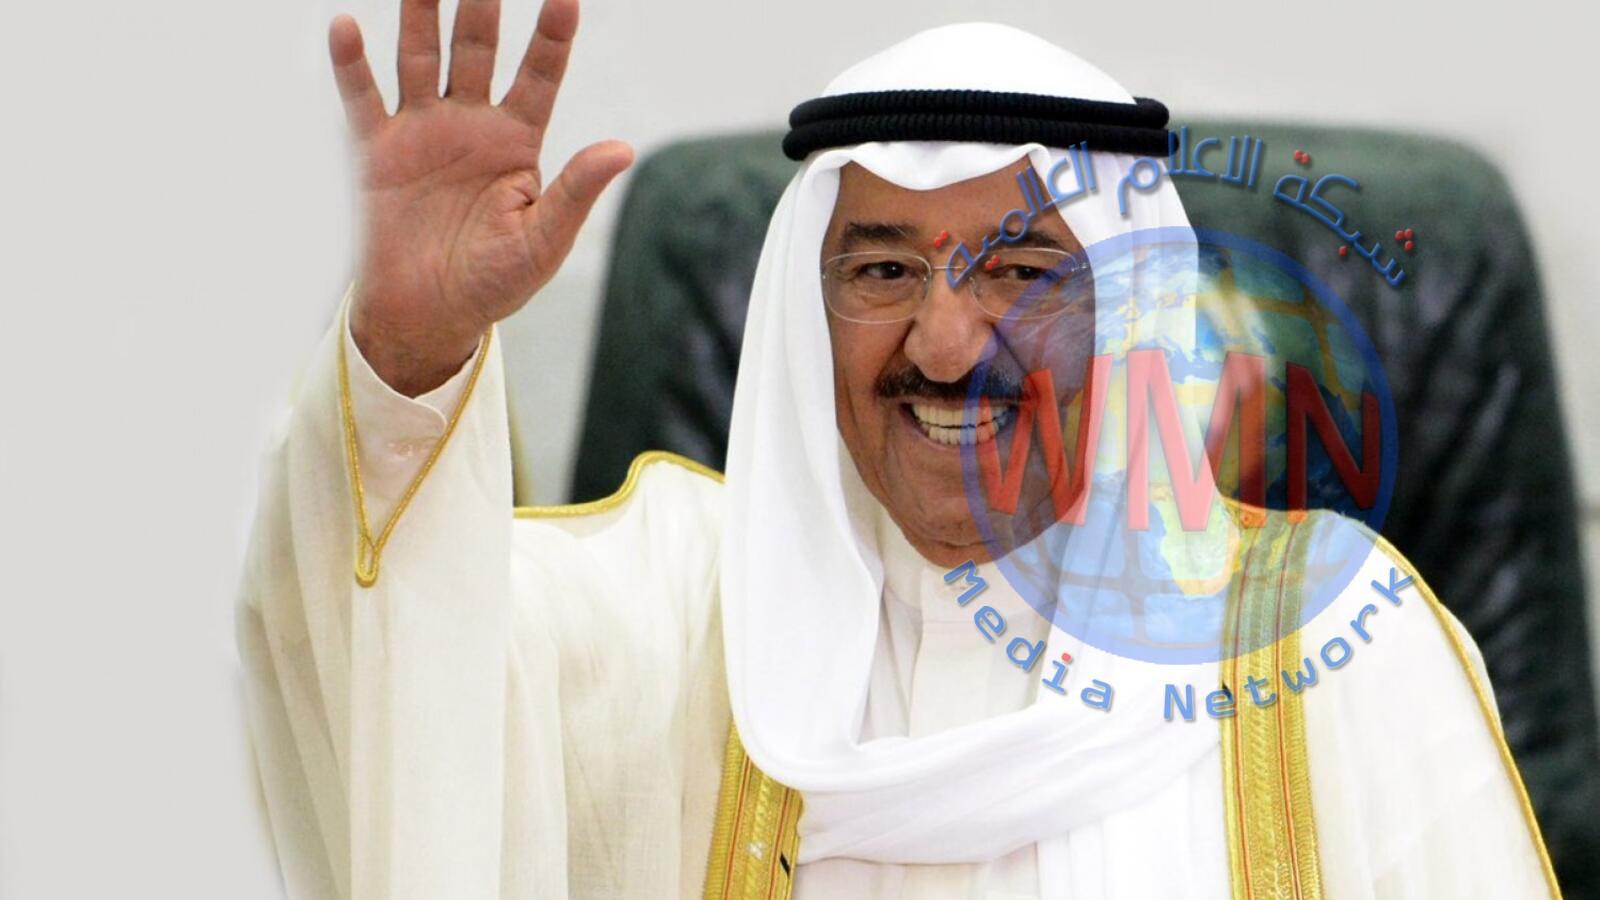 أمير الكويت: لم يعد مقبولا ولا محتملا استمرار الخلاف الخليجي